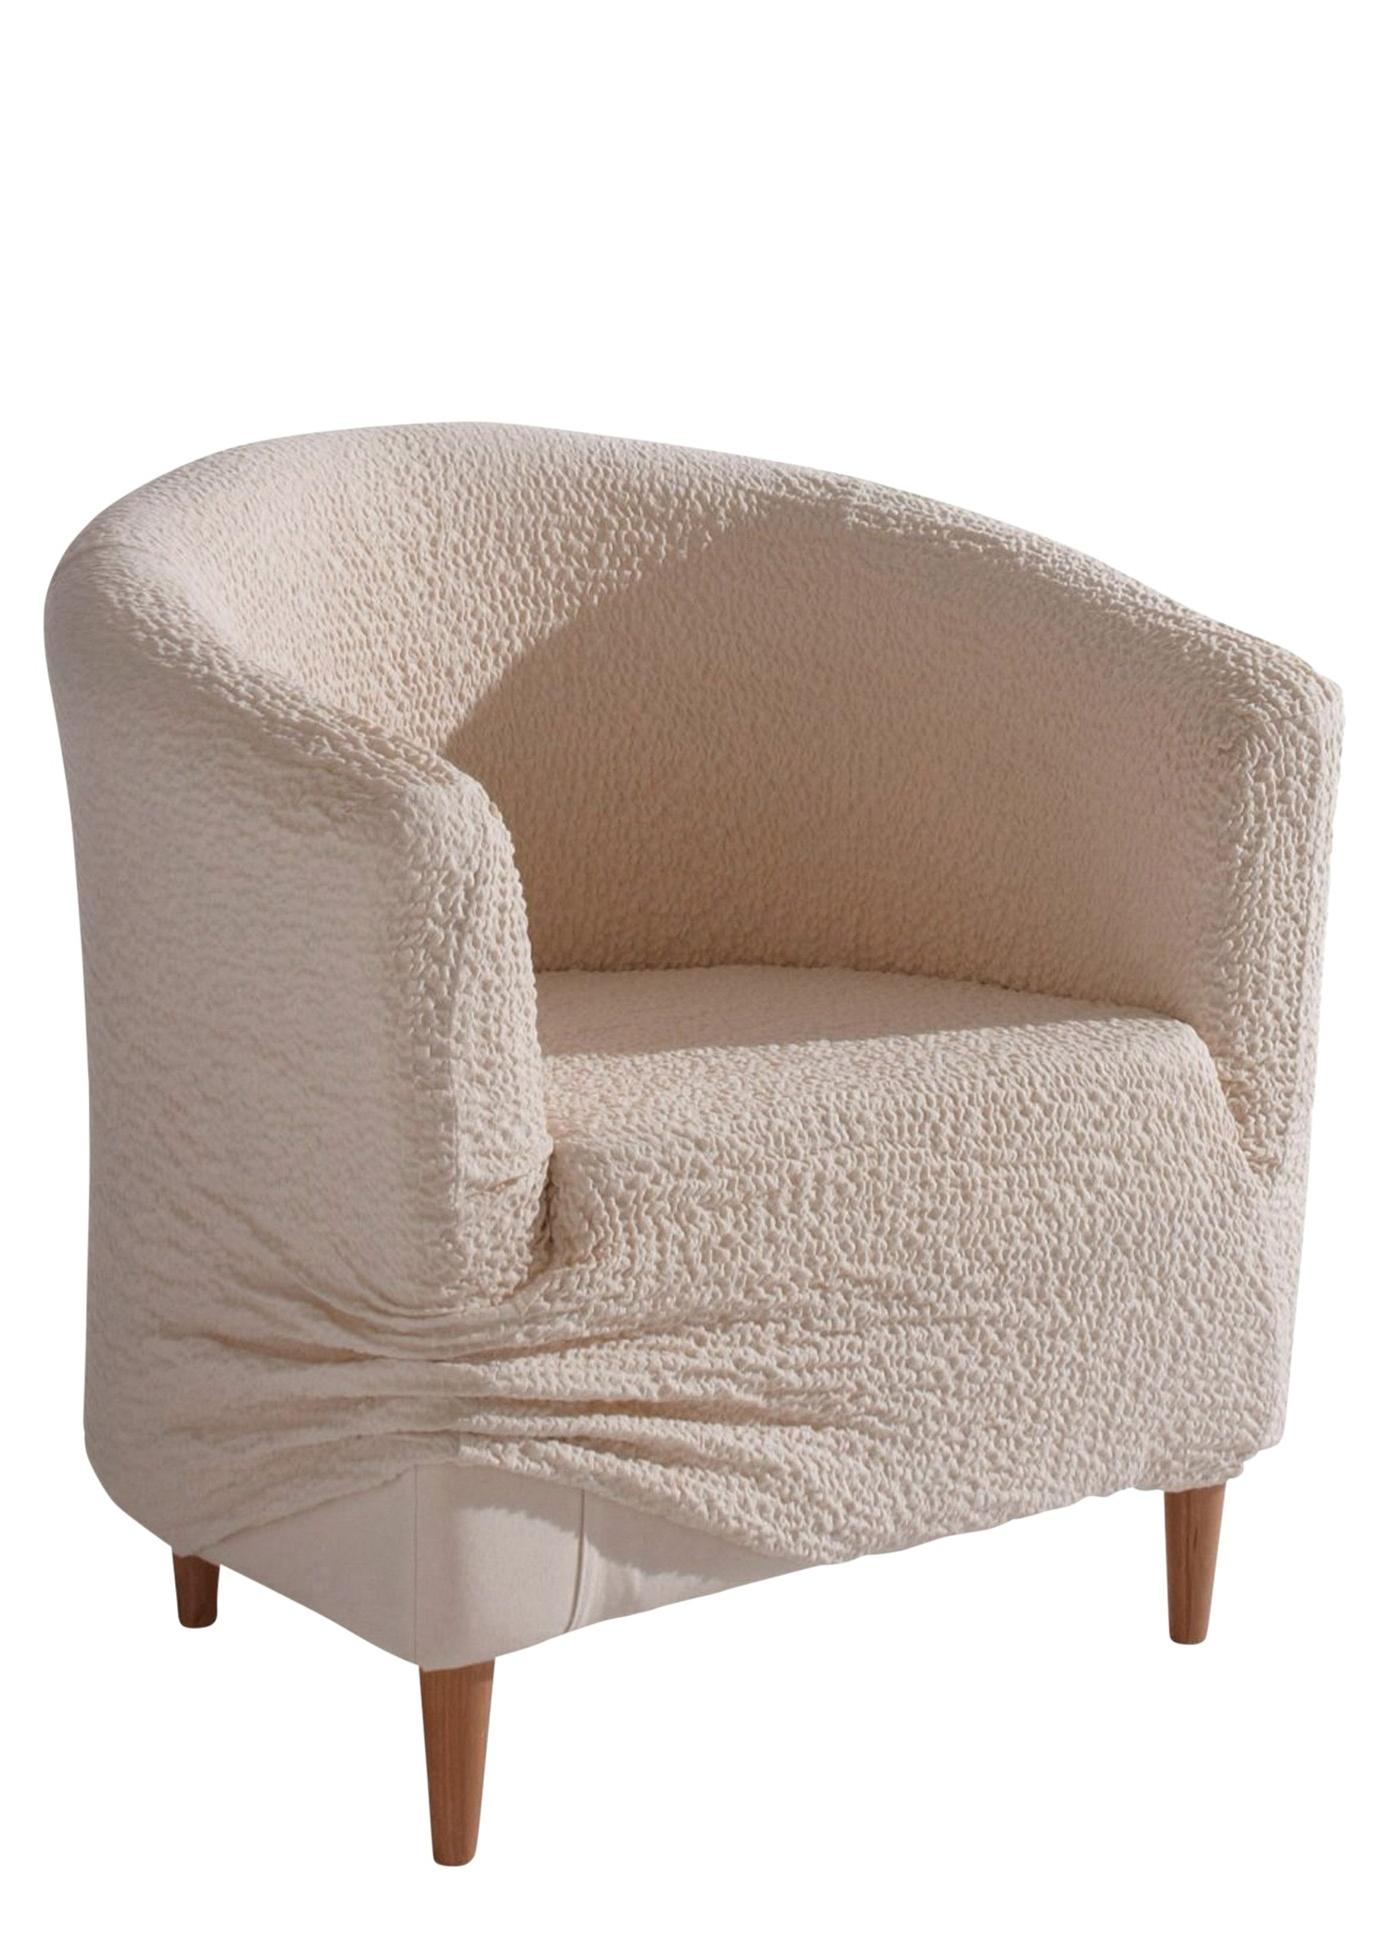 Housse gaufrée extensible disponible pour fauteuil, look élégant, design bi-élastique (extensible en hauteur et largeur), matière douce de très belle qualité, entretien facile, lavage possible. Dim.: larg. env. 60/70 cm, hauteur env. 70 cm. 60% coton, 35%